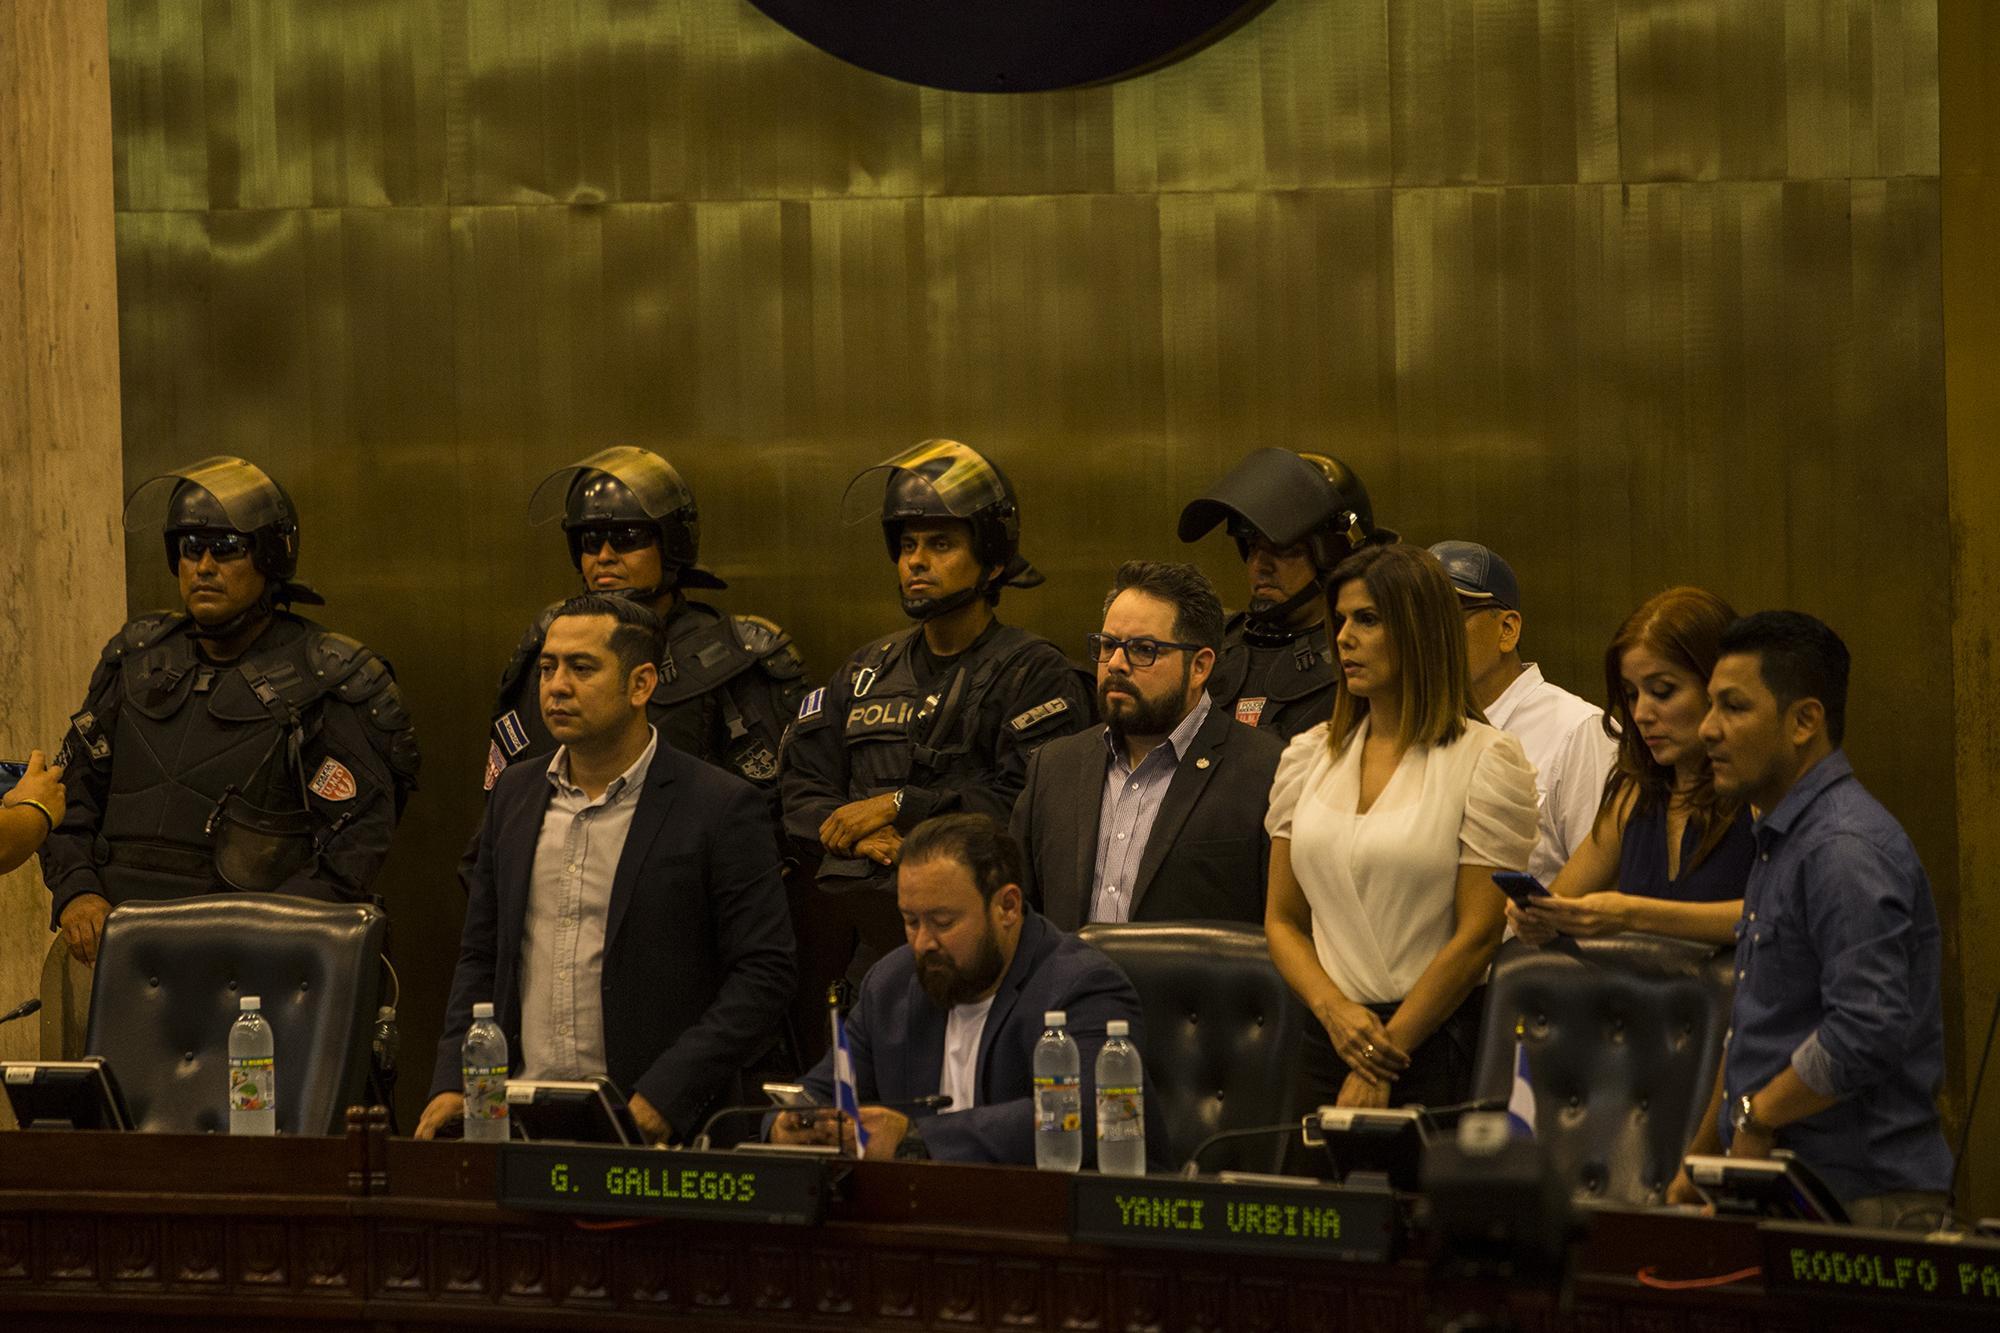 La Unidad del Mantenimiento del Orden (UMO) de la Policía se tomó el espacio de la Junta Directiva de la Asamblea Legislativa. La diputada arenera Felissa Cristales (revisando su teléfono en la imagen), que se presentó en apoyo a Bukele, se retiró molesta al observar la presencia de militares y policías que desplazaron a la seguridad de la Asamblea.Foto de El Faro: Víctor Peña